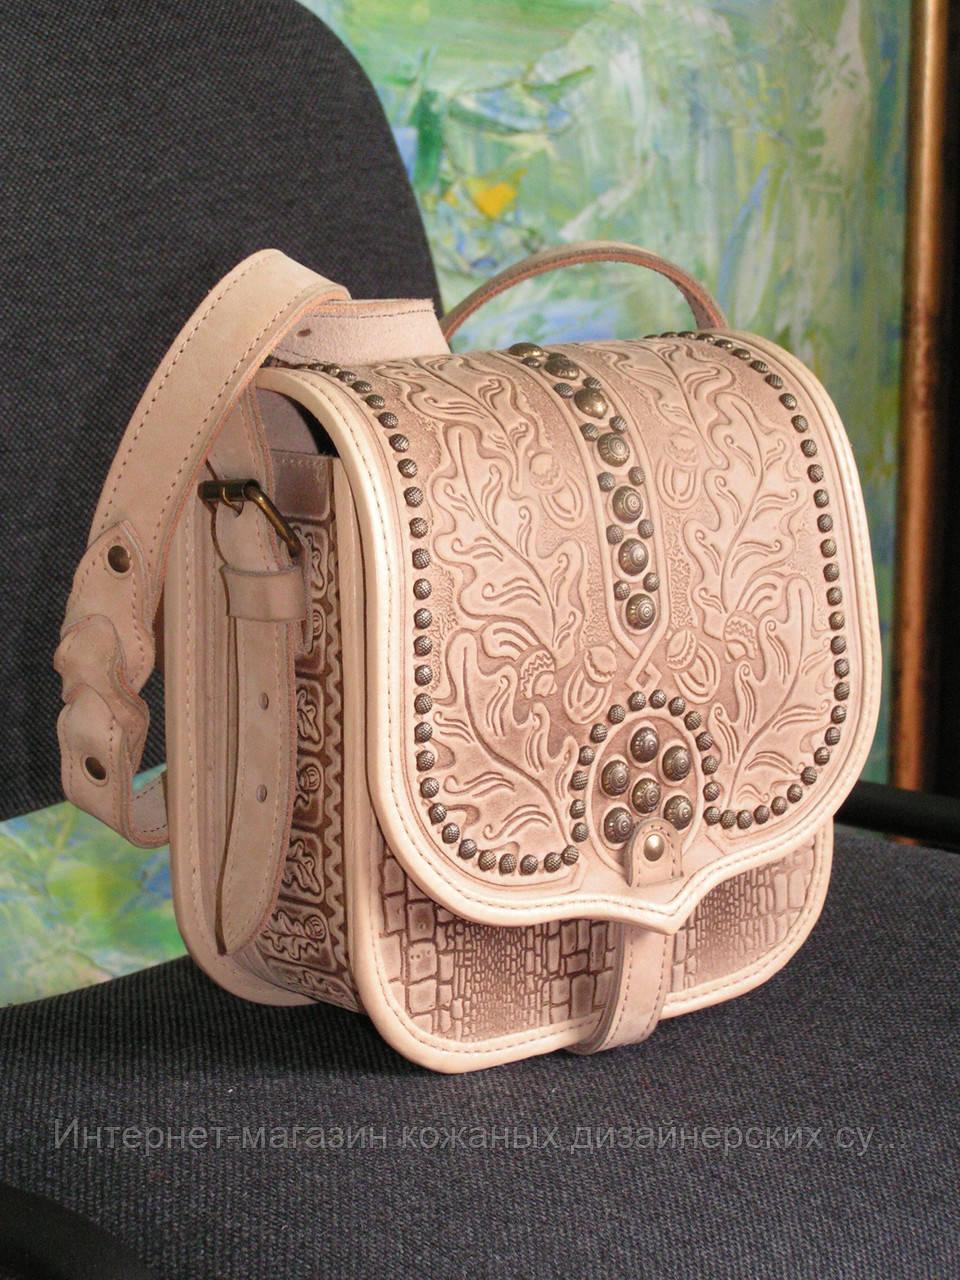 dbf61c98302c Кожаная сумка ручной работы